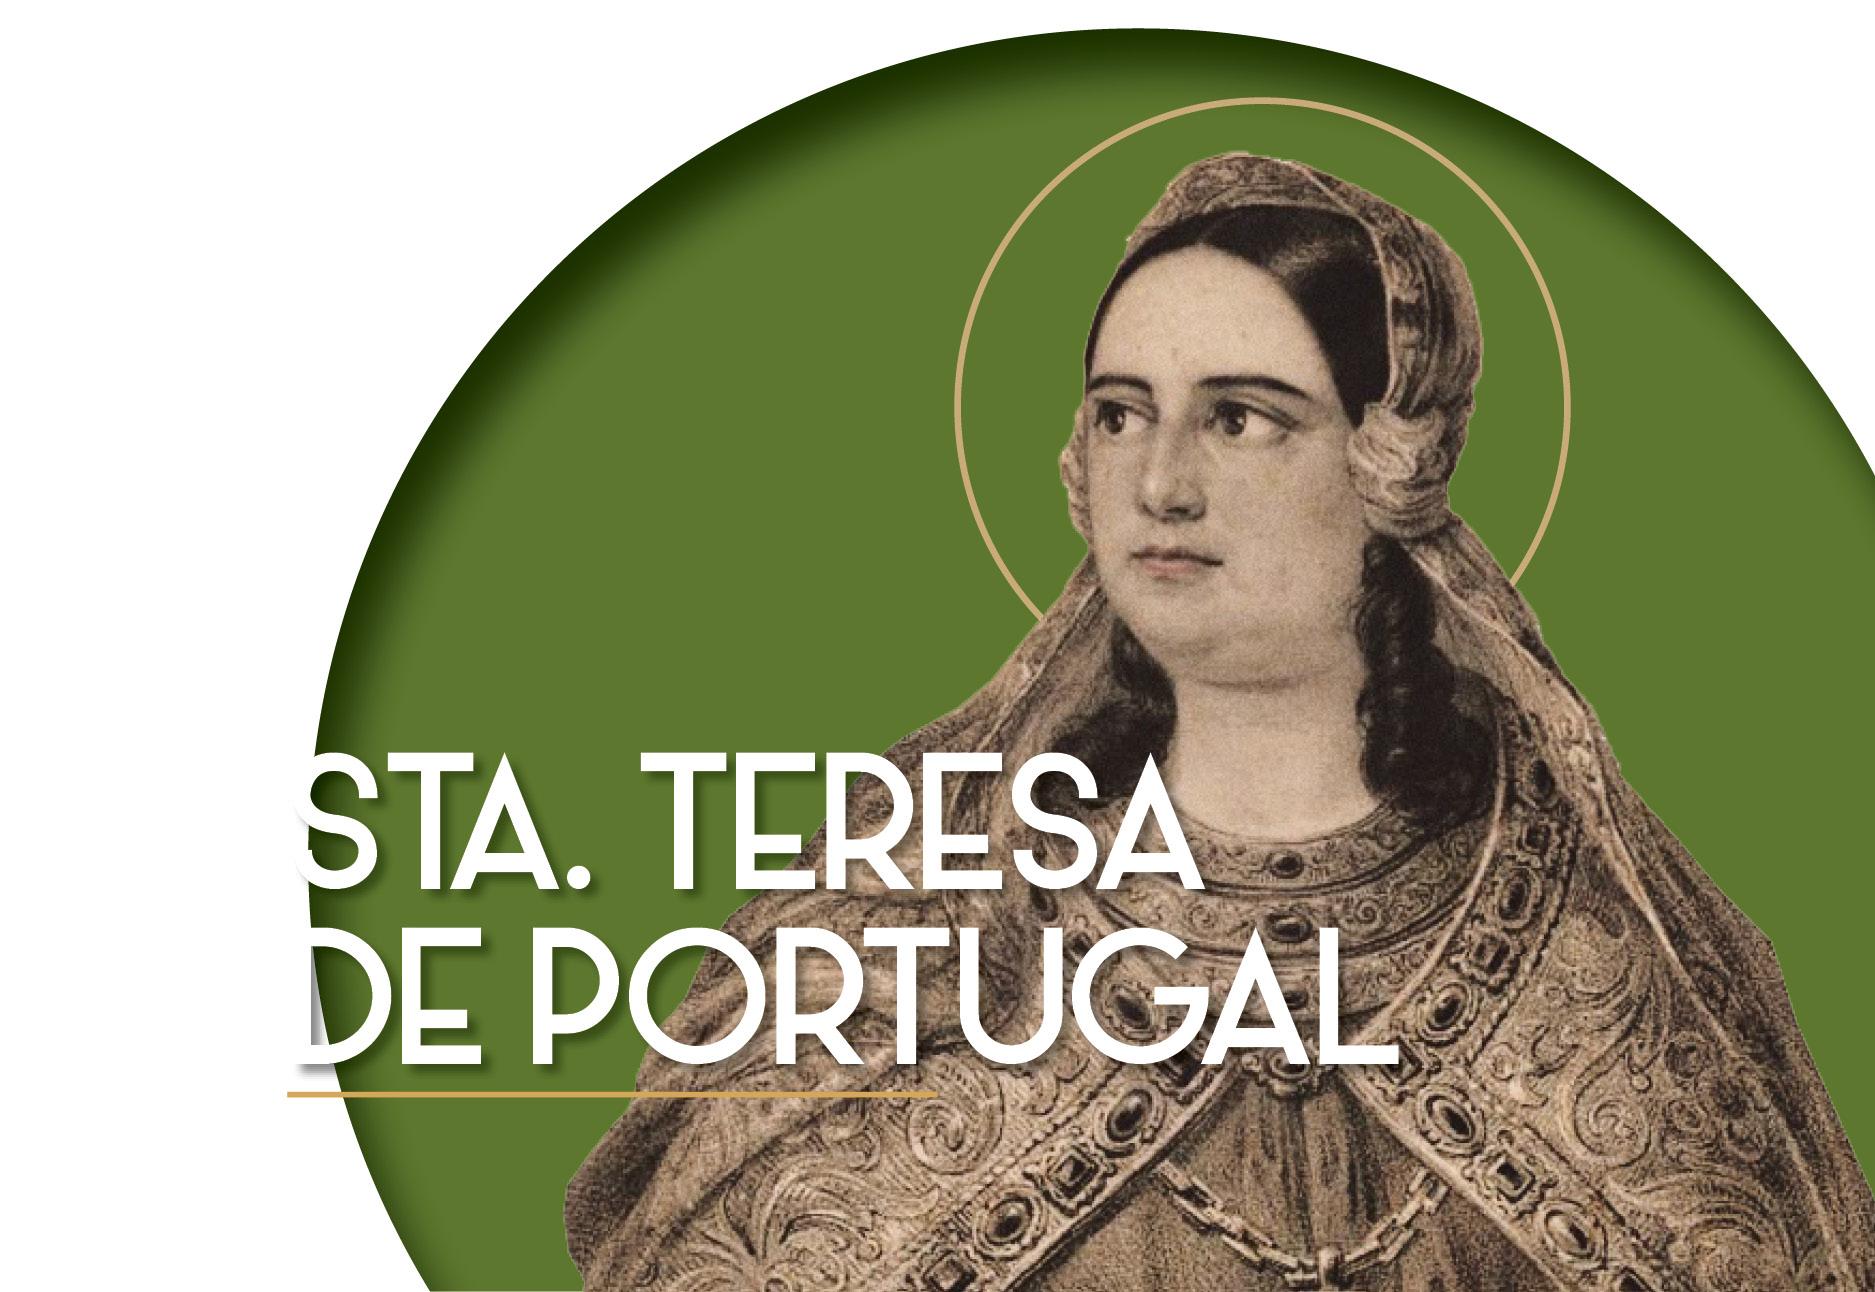 Sta. Teresa de Portugal